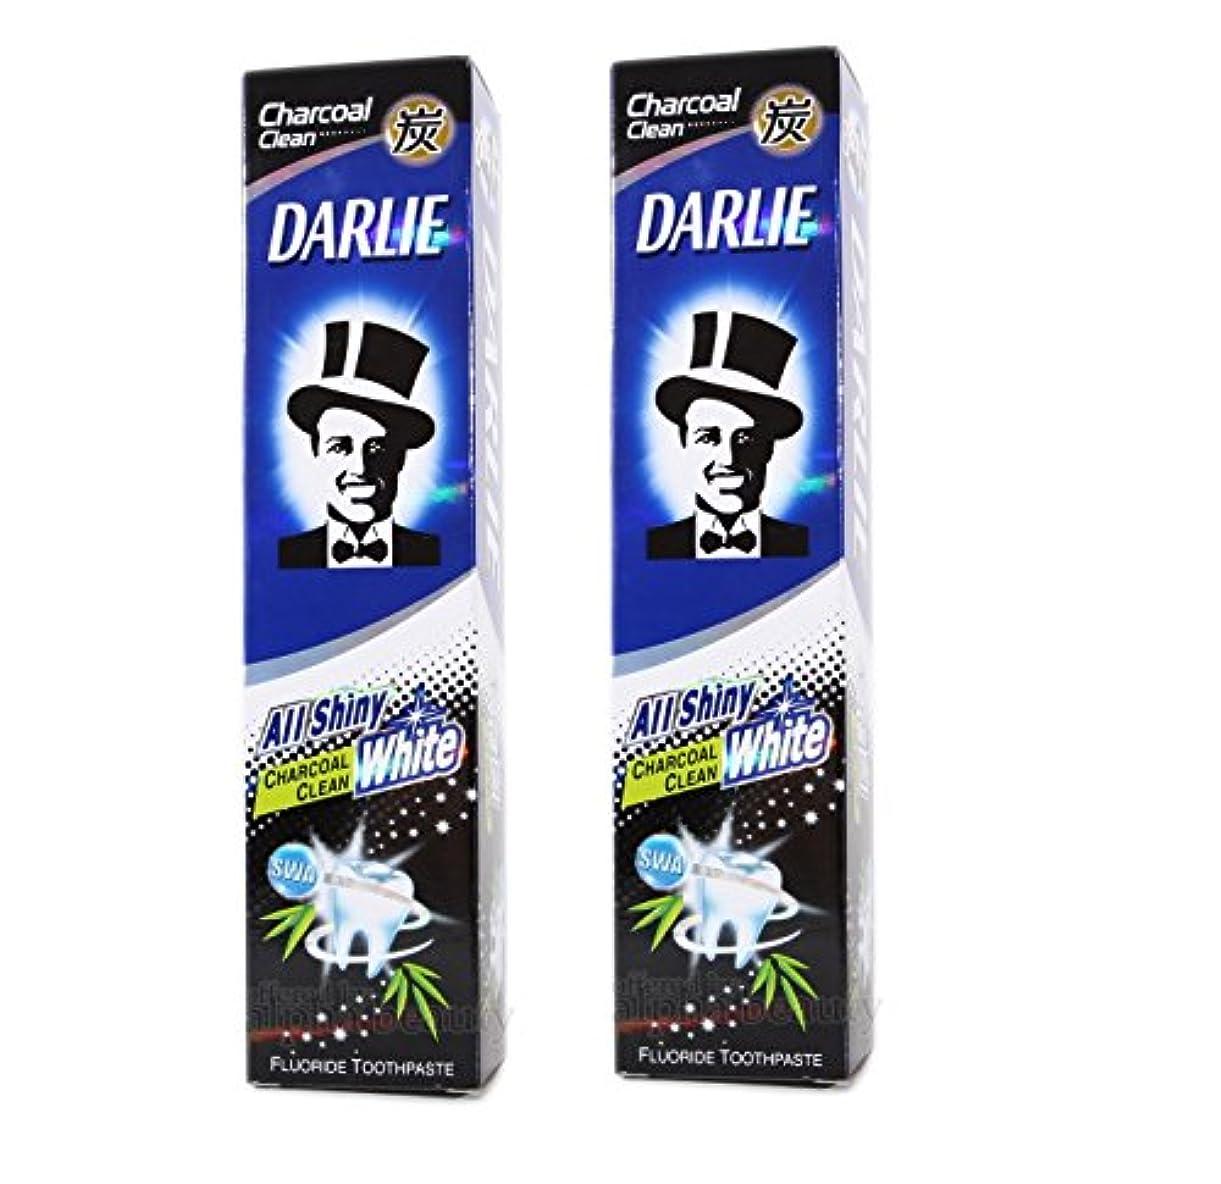 飾り羽刺激する思想2 packs of Darlie Charcoal All Shiny Whitening Toothpaste by Darlie